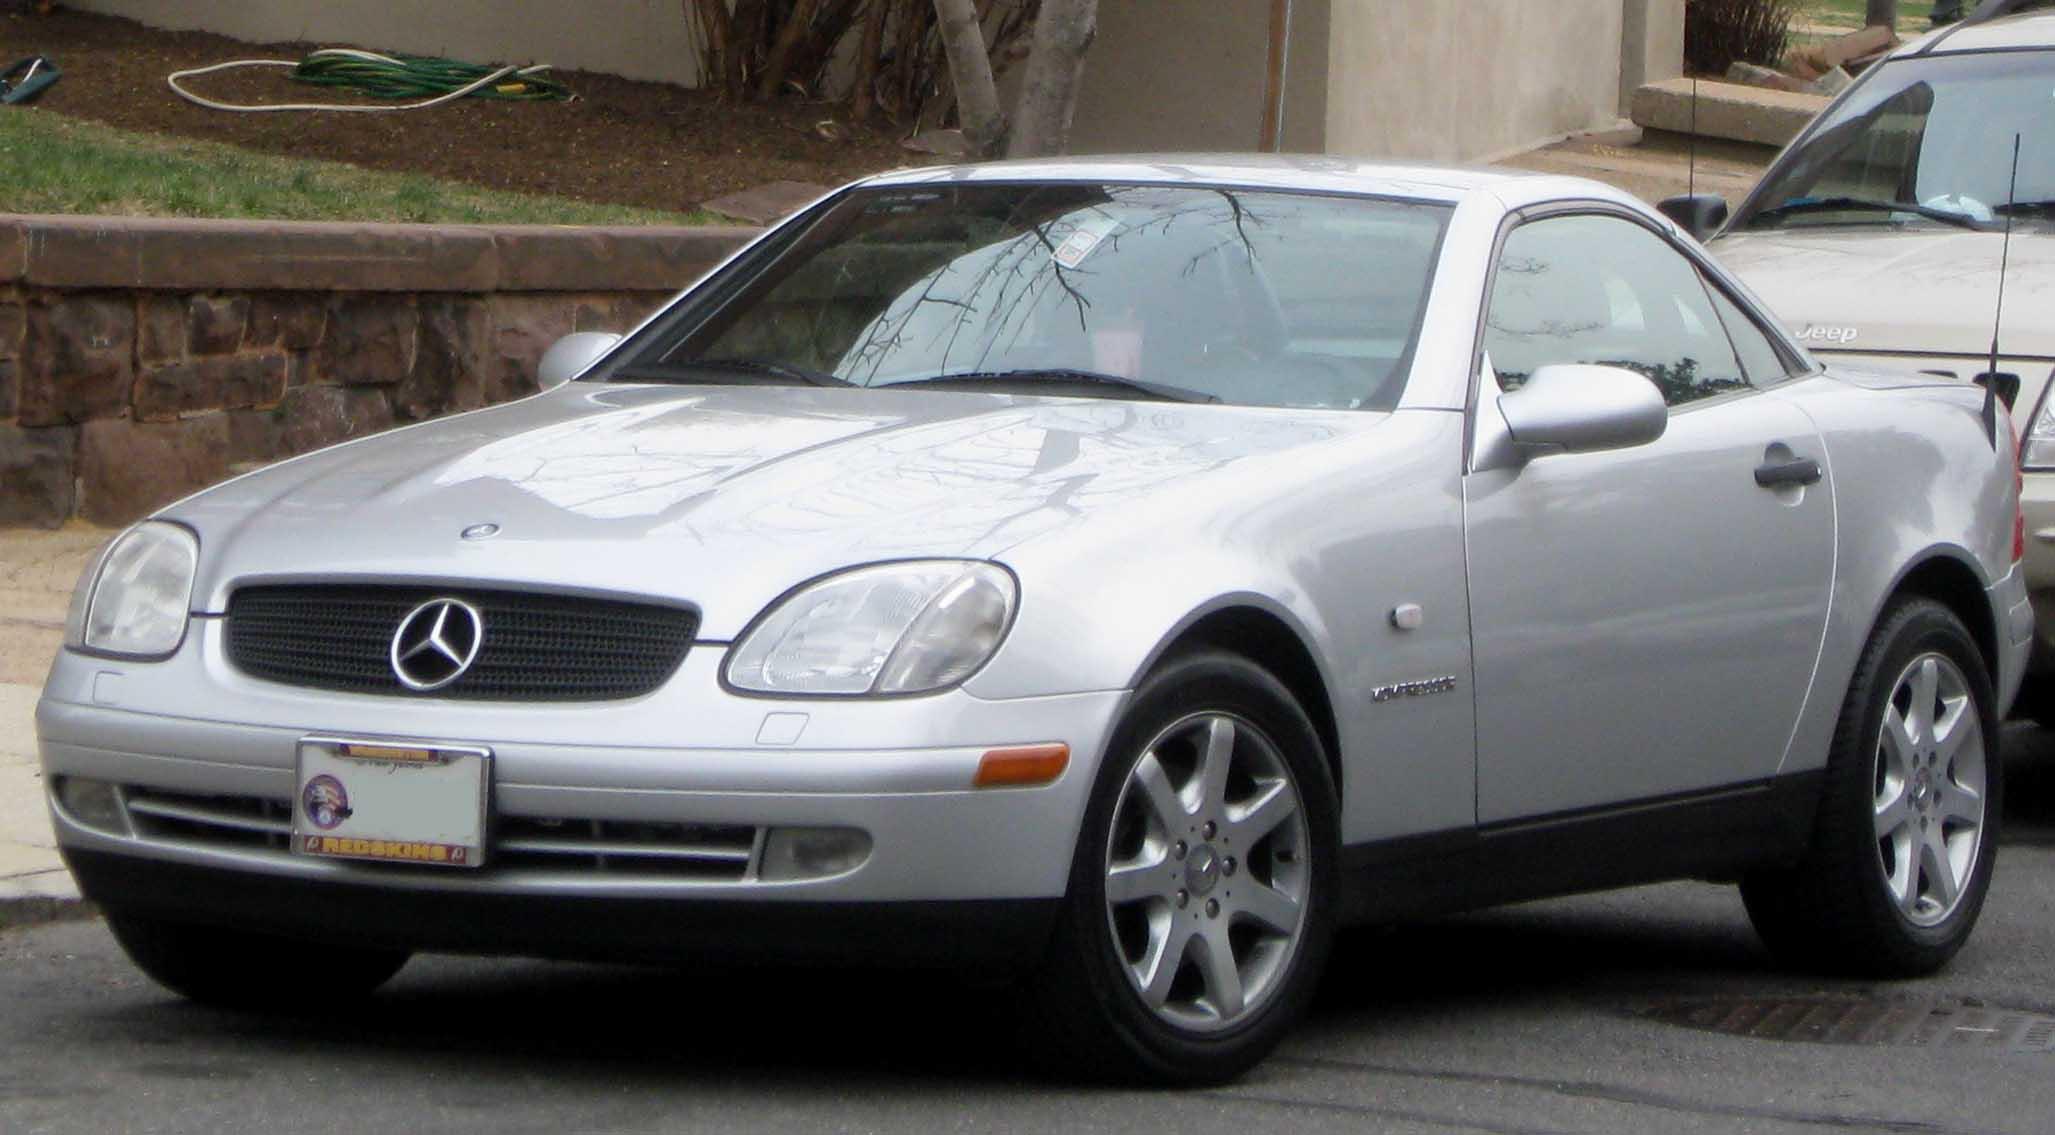 Mercedes-Benz SLK-klasse I (R170) 1996 - 2000 Roadster #5